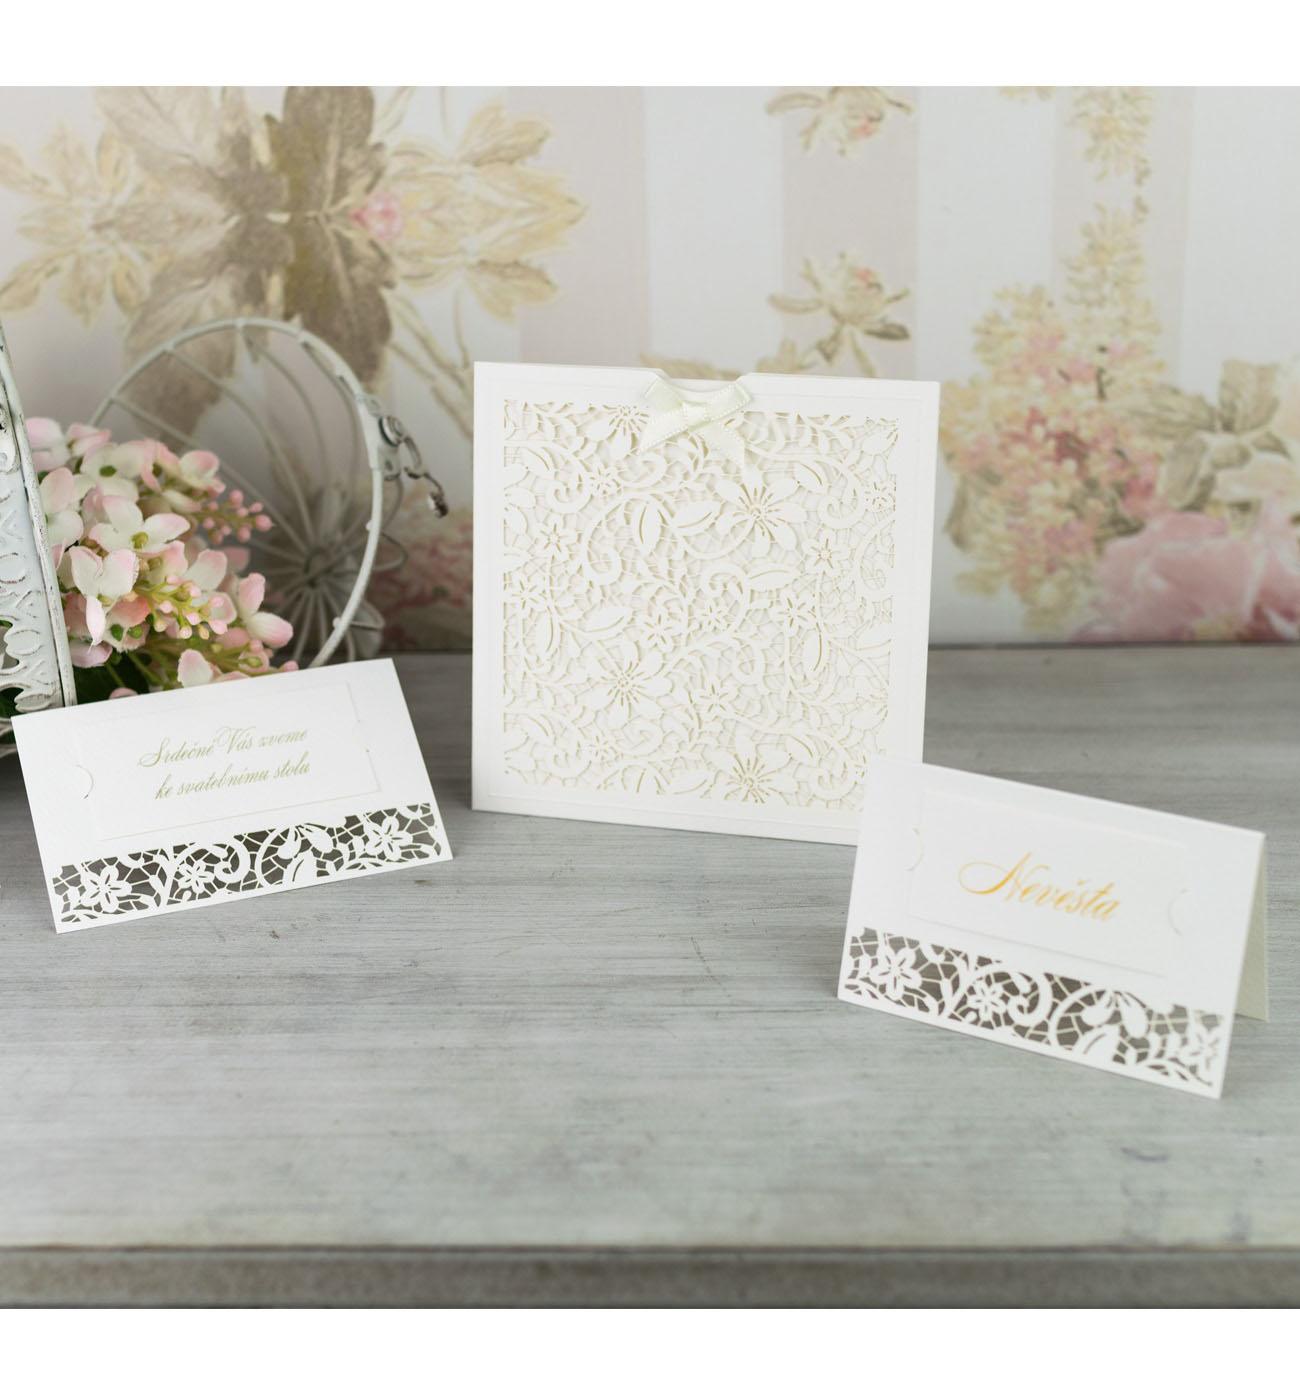 Svatební oznámení, tiskoviny a krabičky - Obrázek č. 64